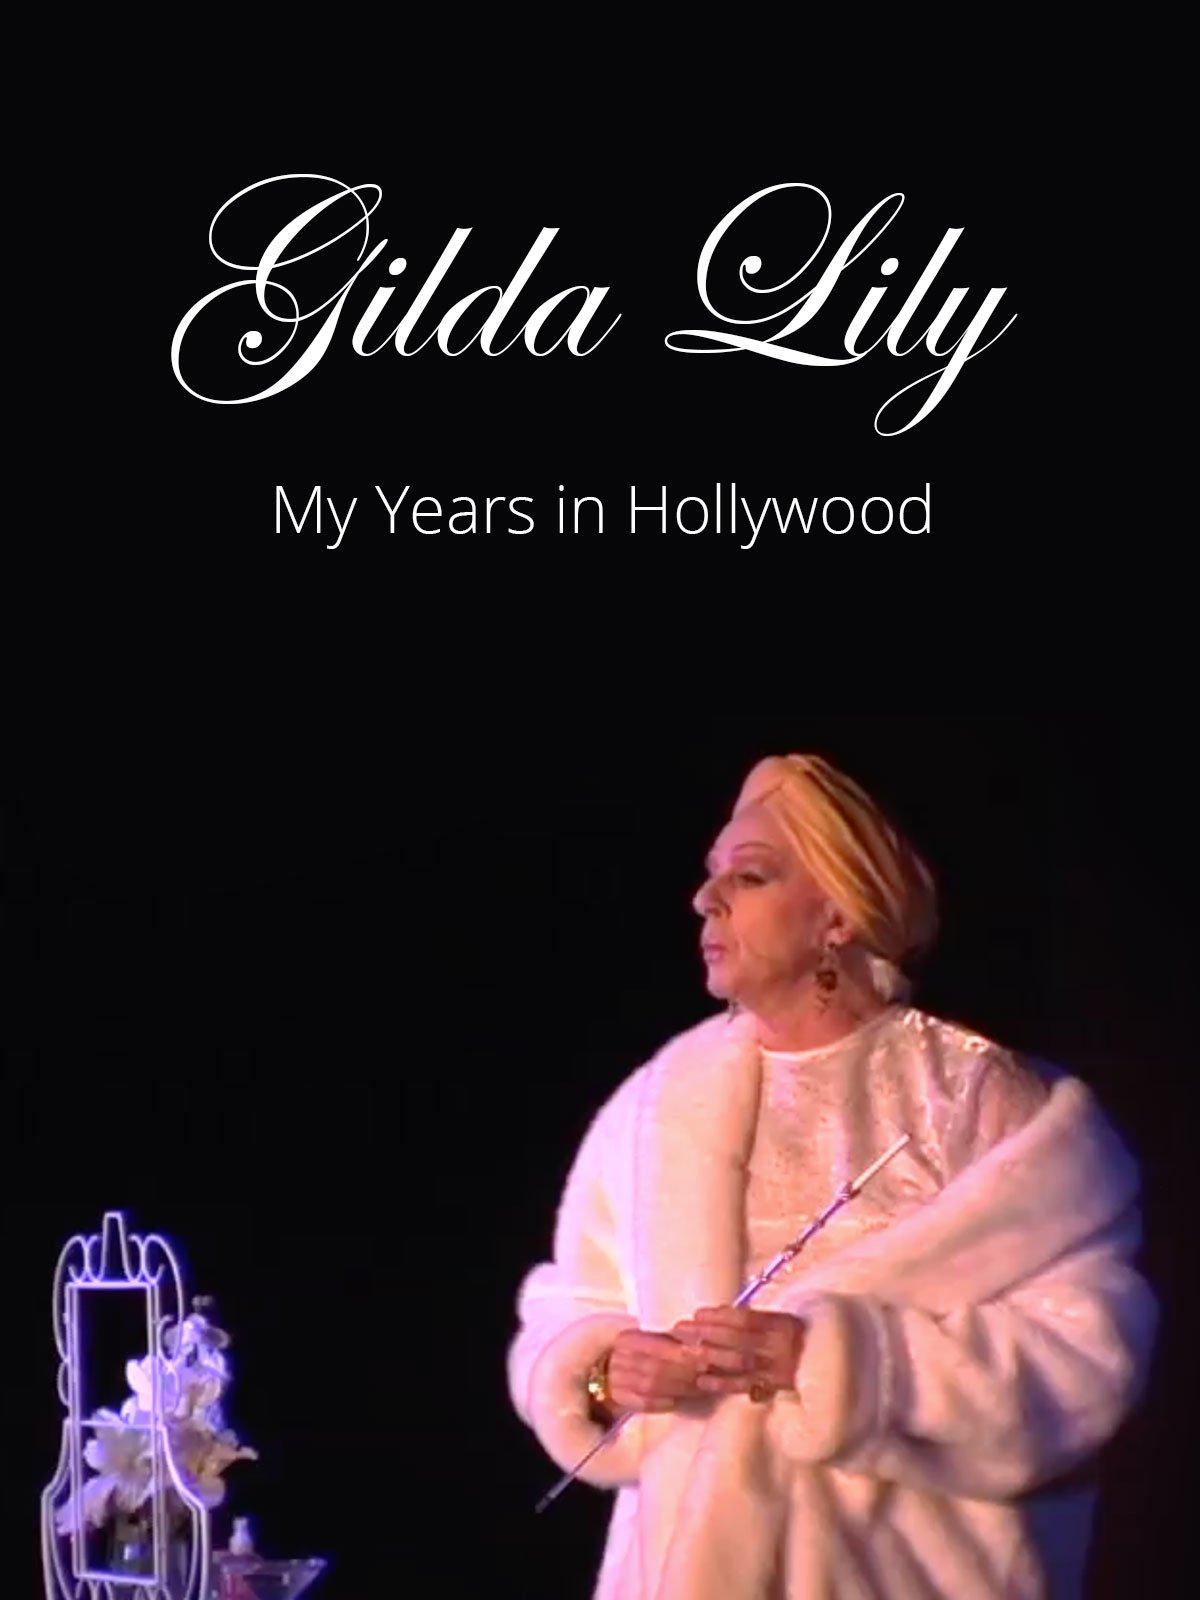 Gilda Lily